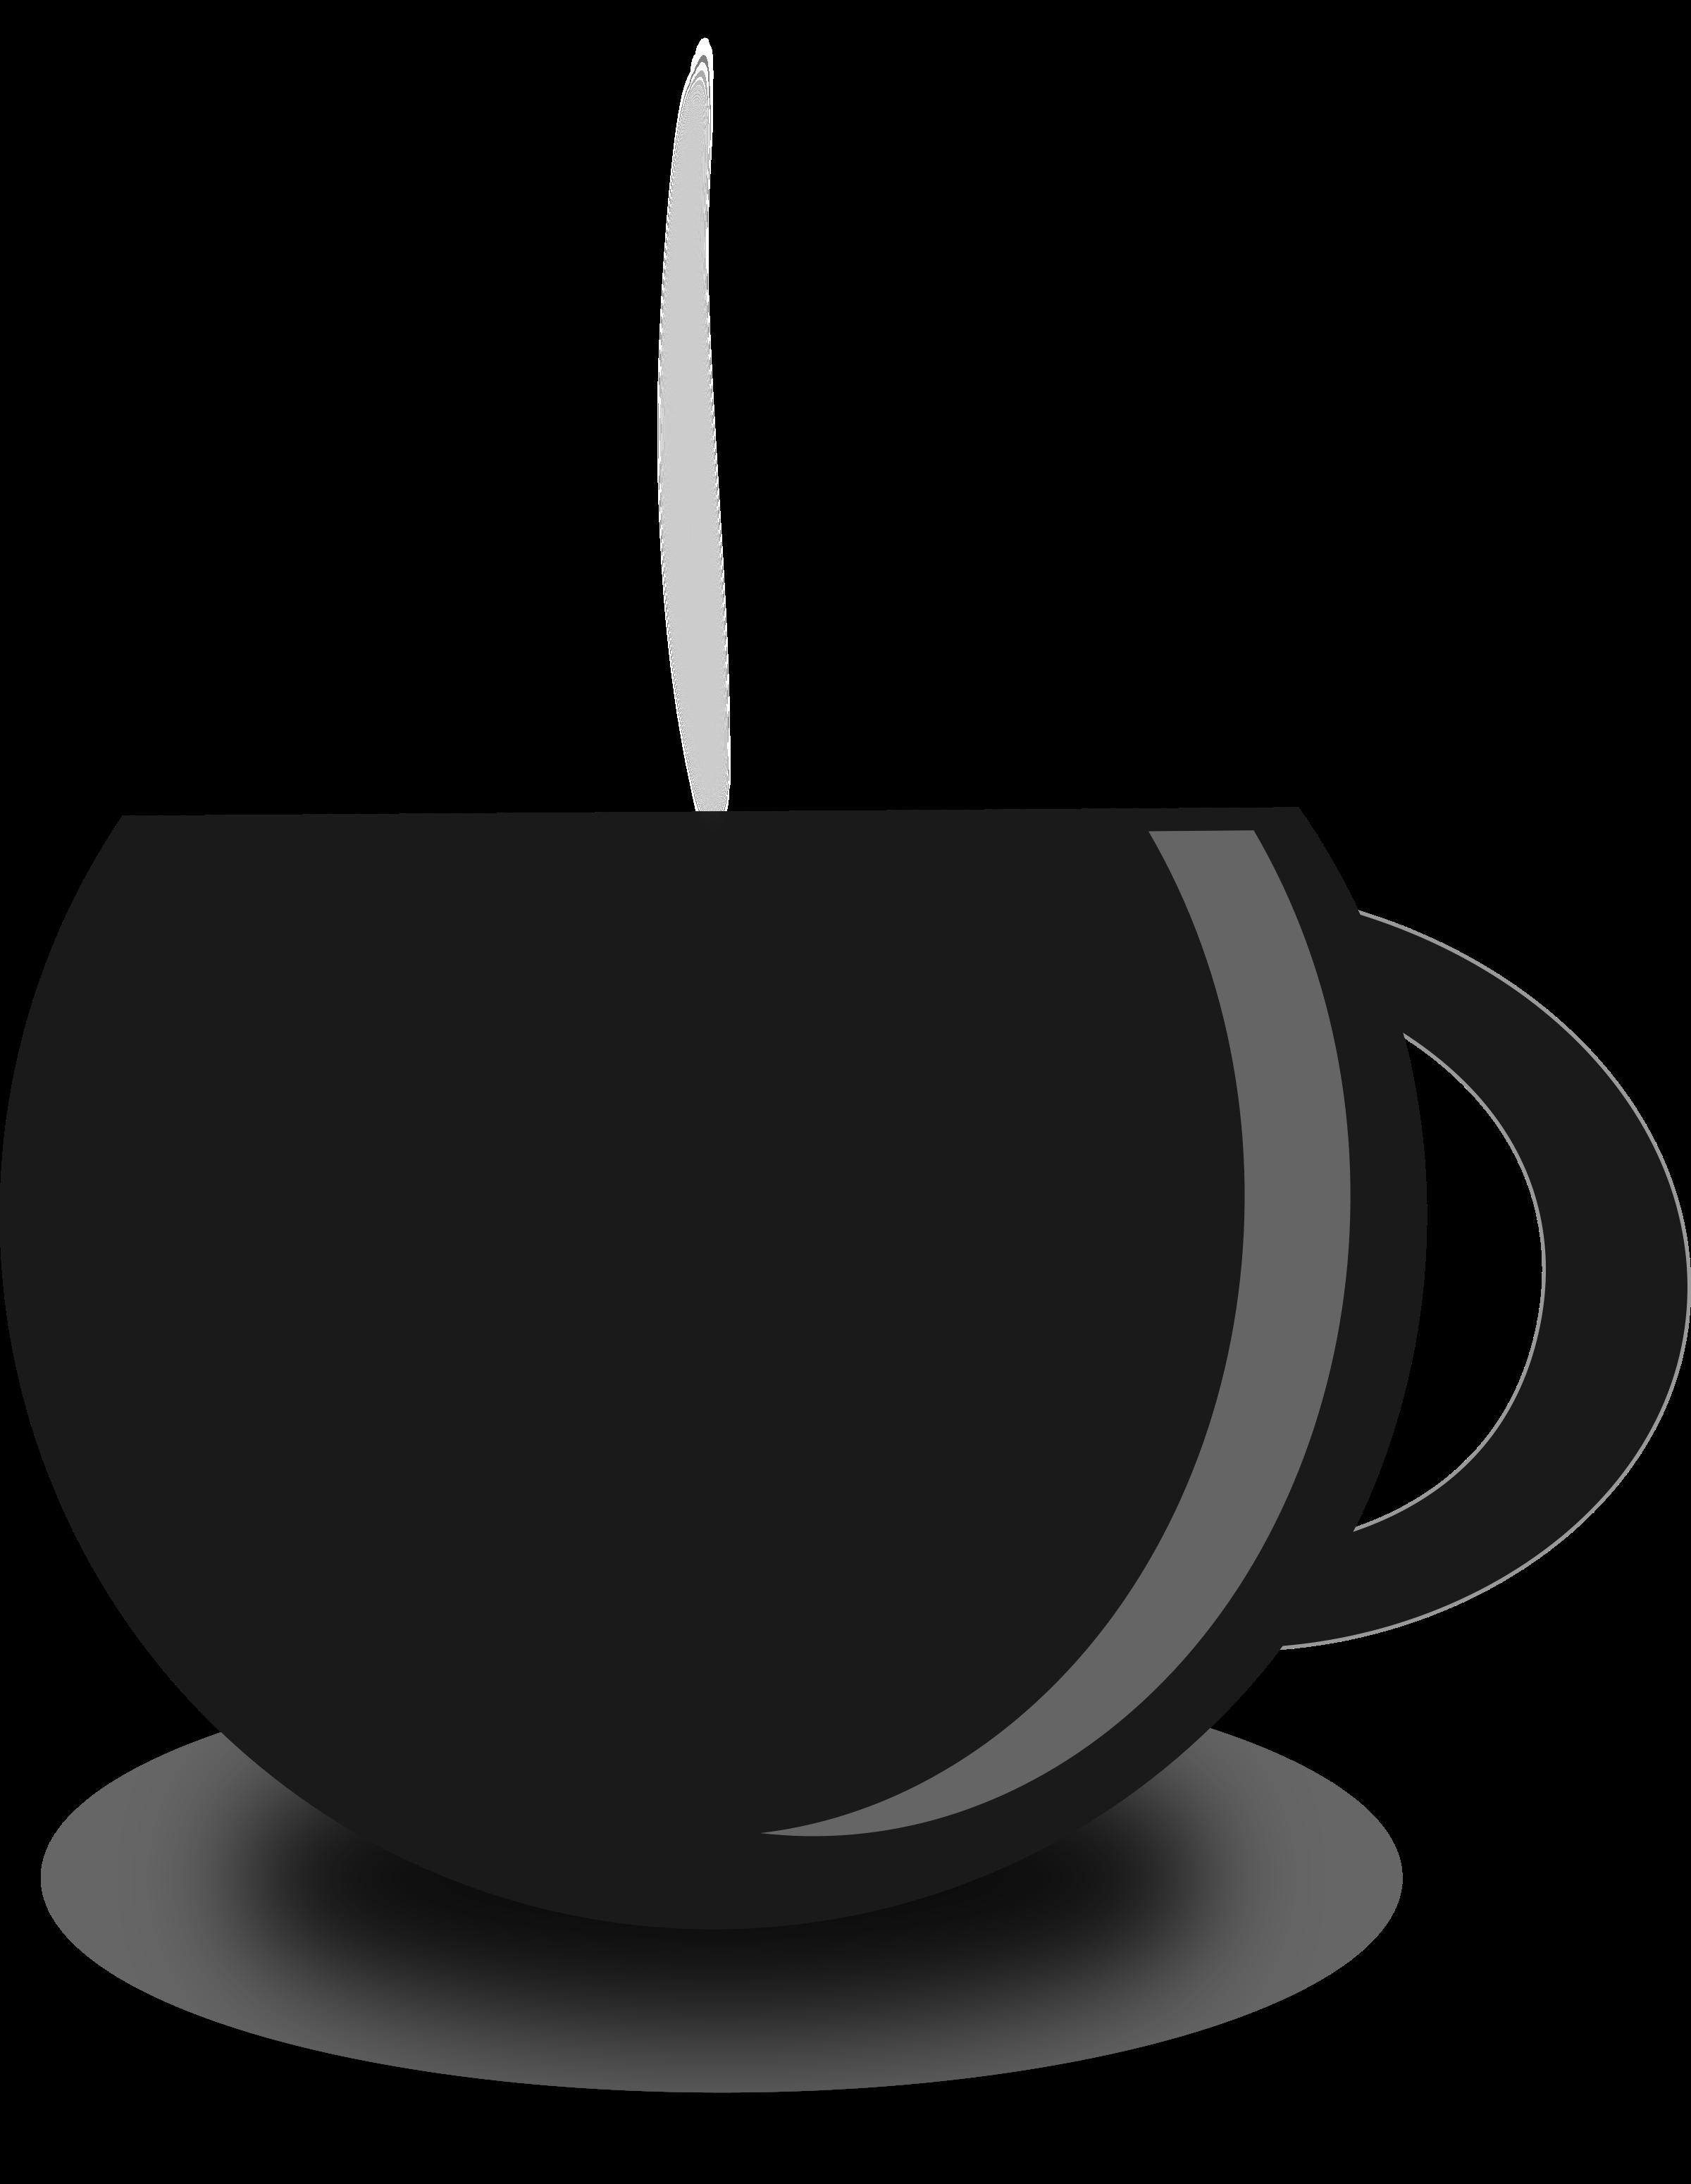 Clipart tea cup 2